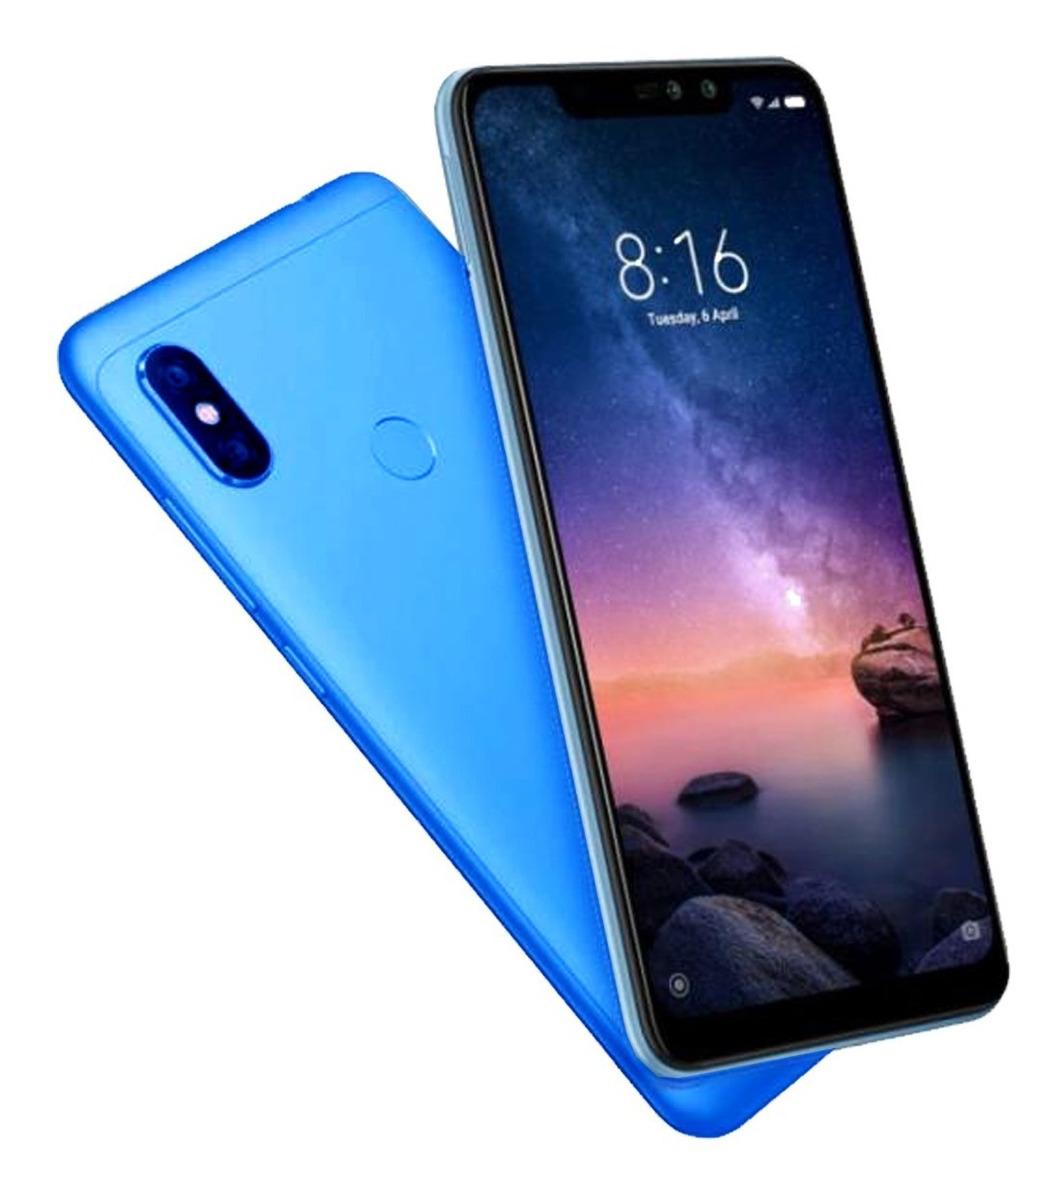 Celular Xiaomi Redmi Note 6 Pro 6 26 Color Azul El Cerro